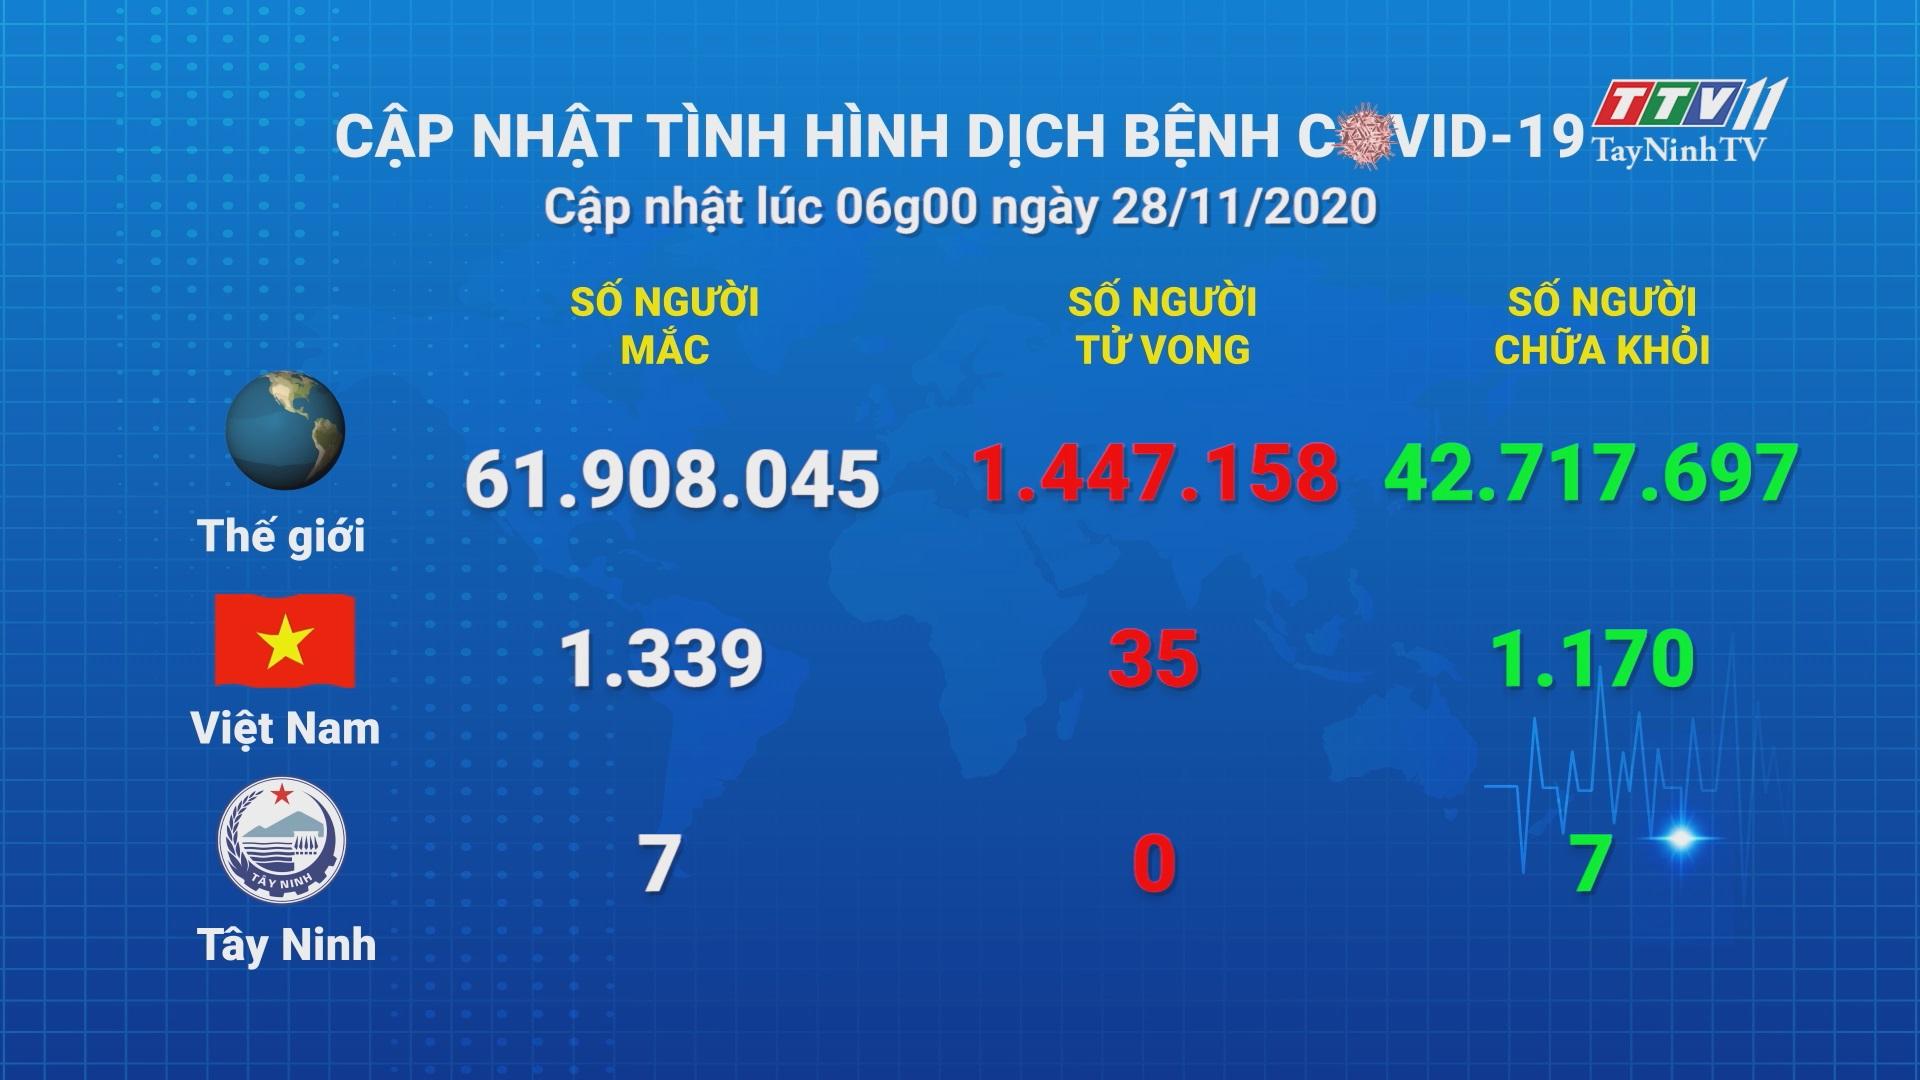 Cập nhật tình hình Covid-19 vào lúc 06 giờ 28-11-2020 | Thông tin dịch Covid-19 | TayNinhTV